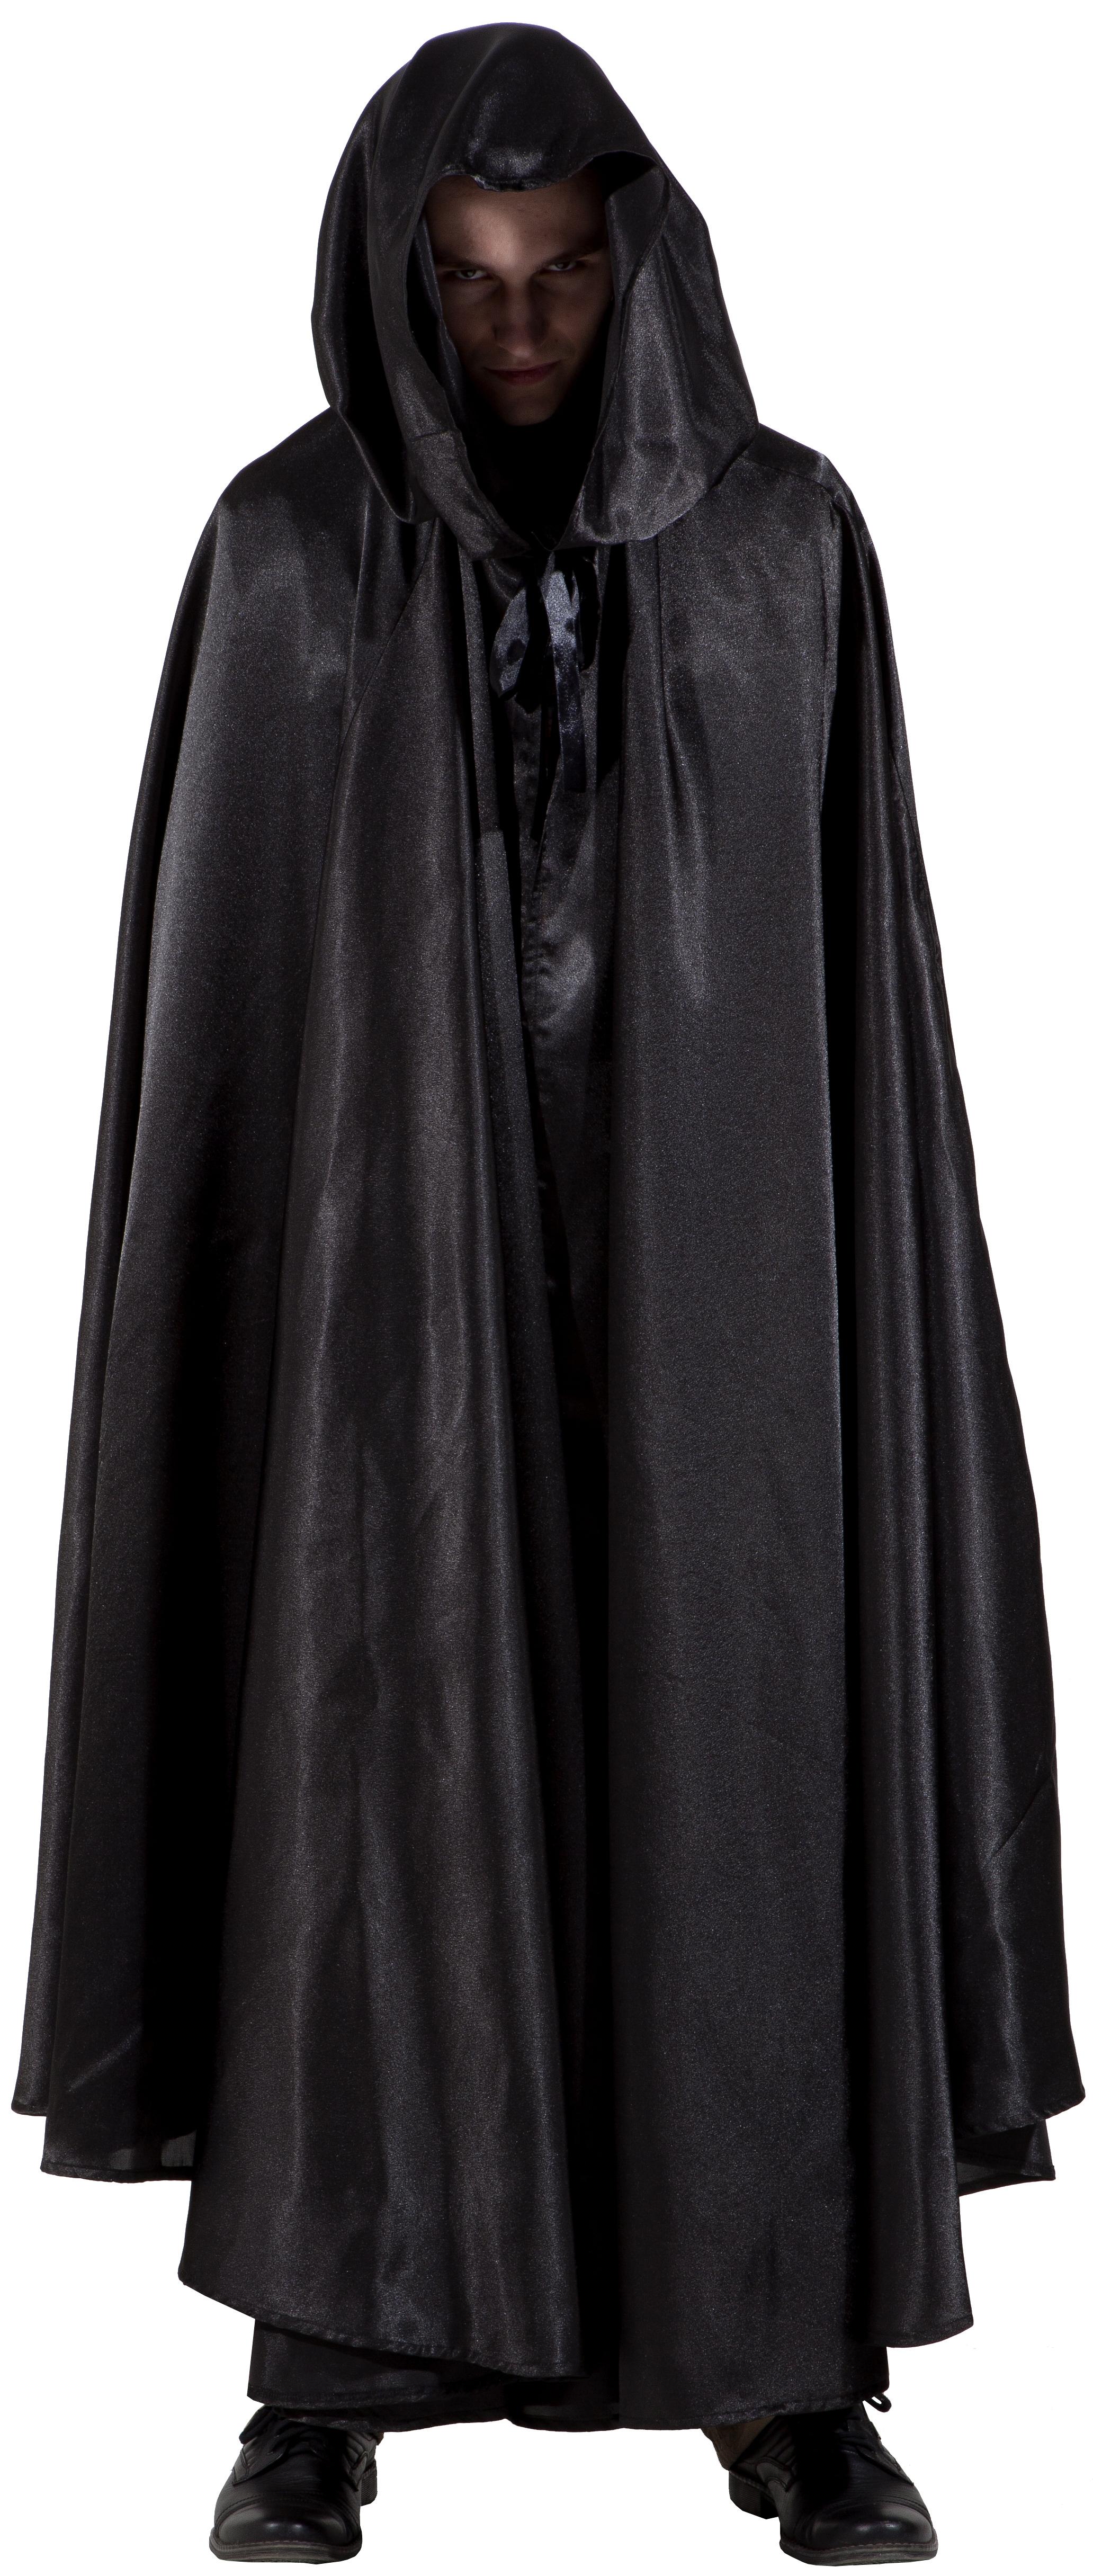 Взрослый черный плащ (44-50) -  Аксессуары на Хэллоуин